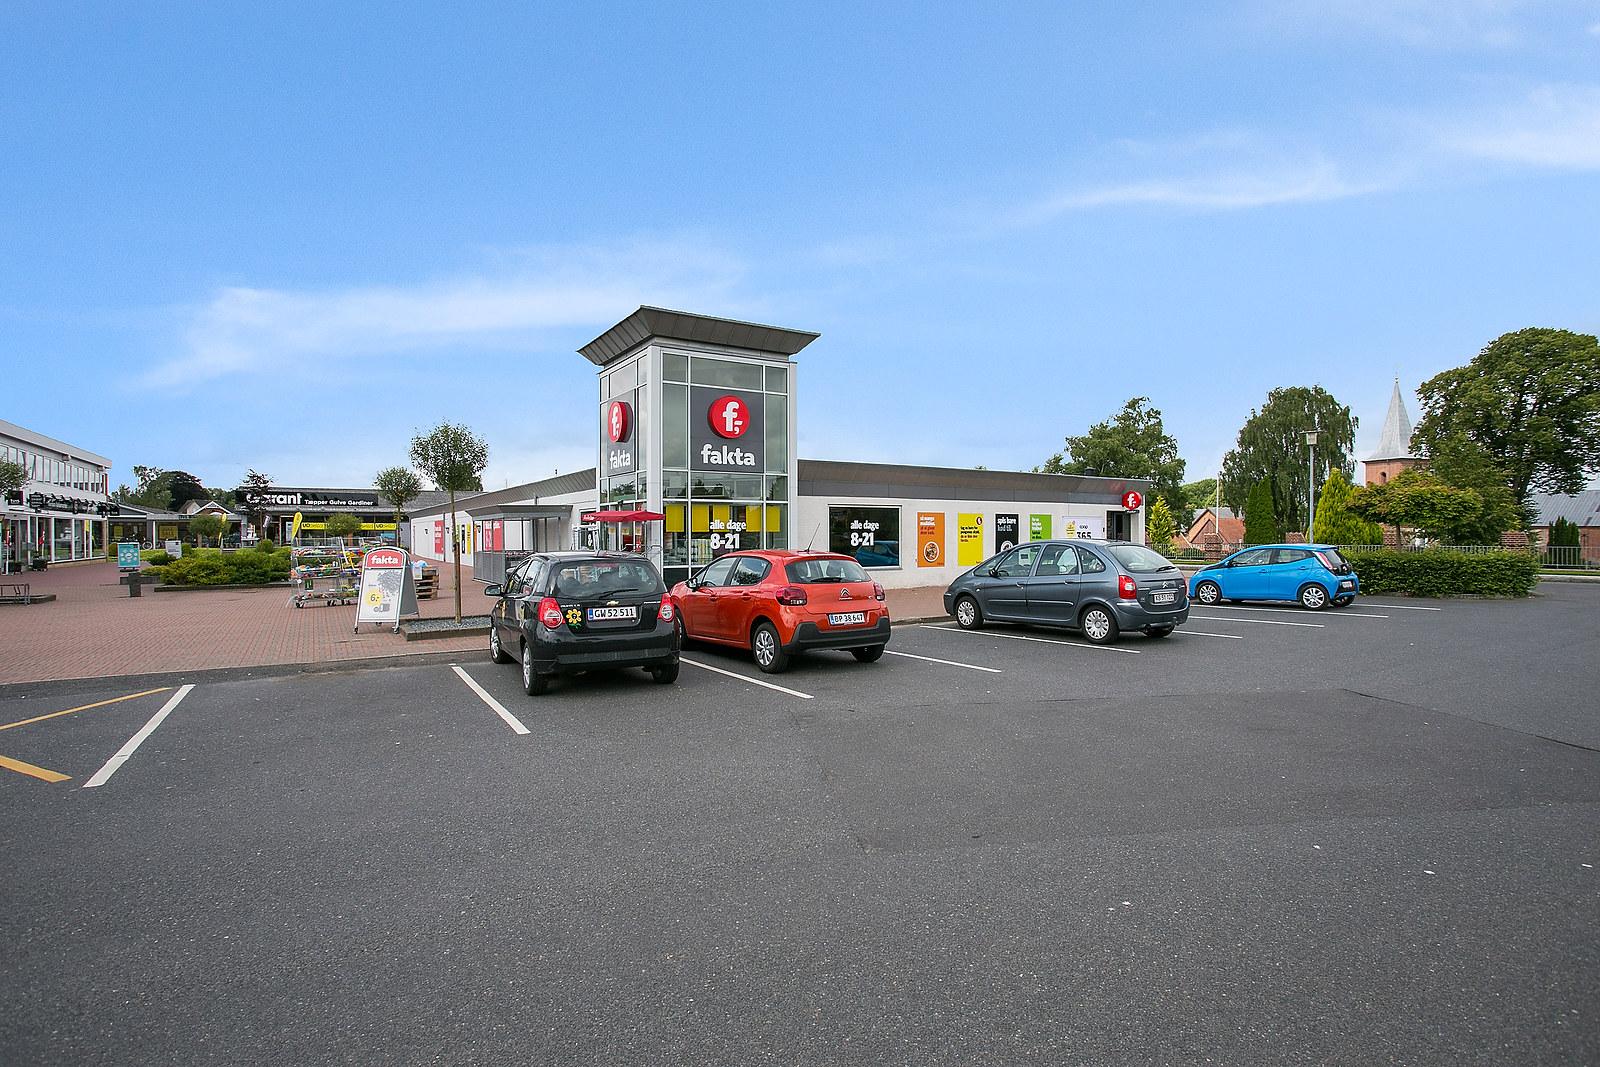 Banealle 6a Retail 8450 Hammel